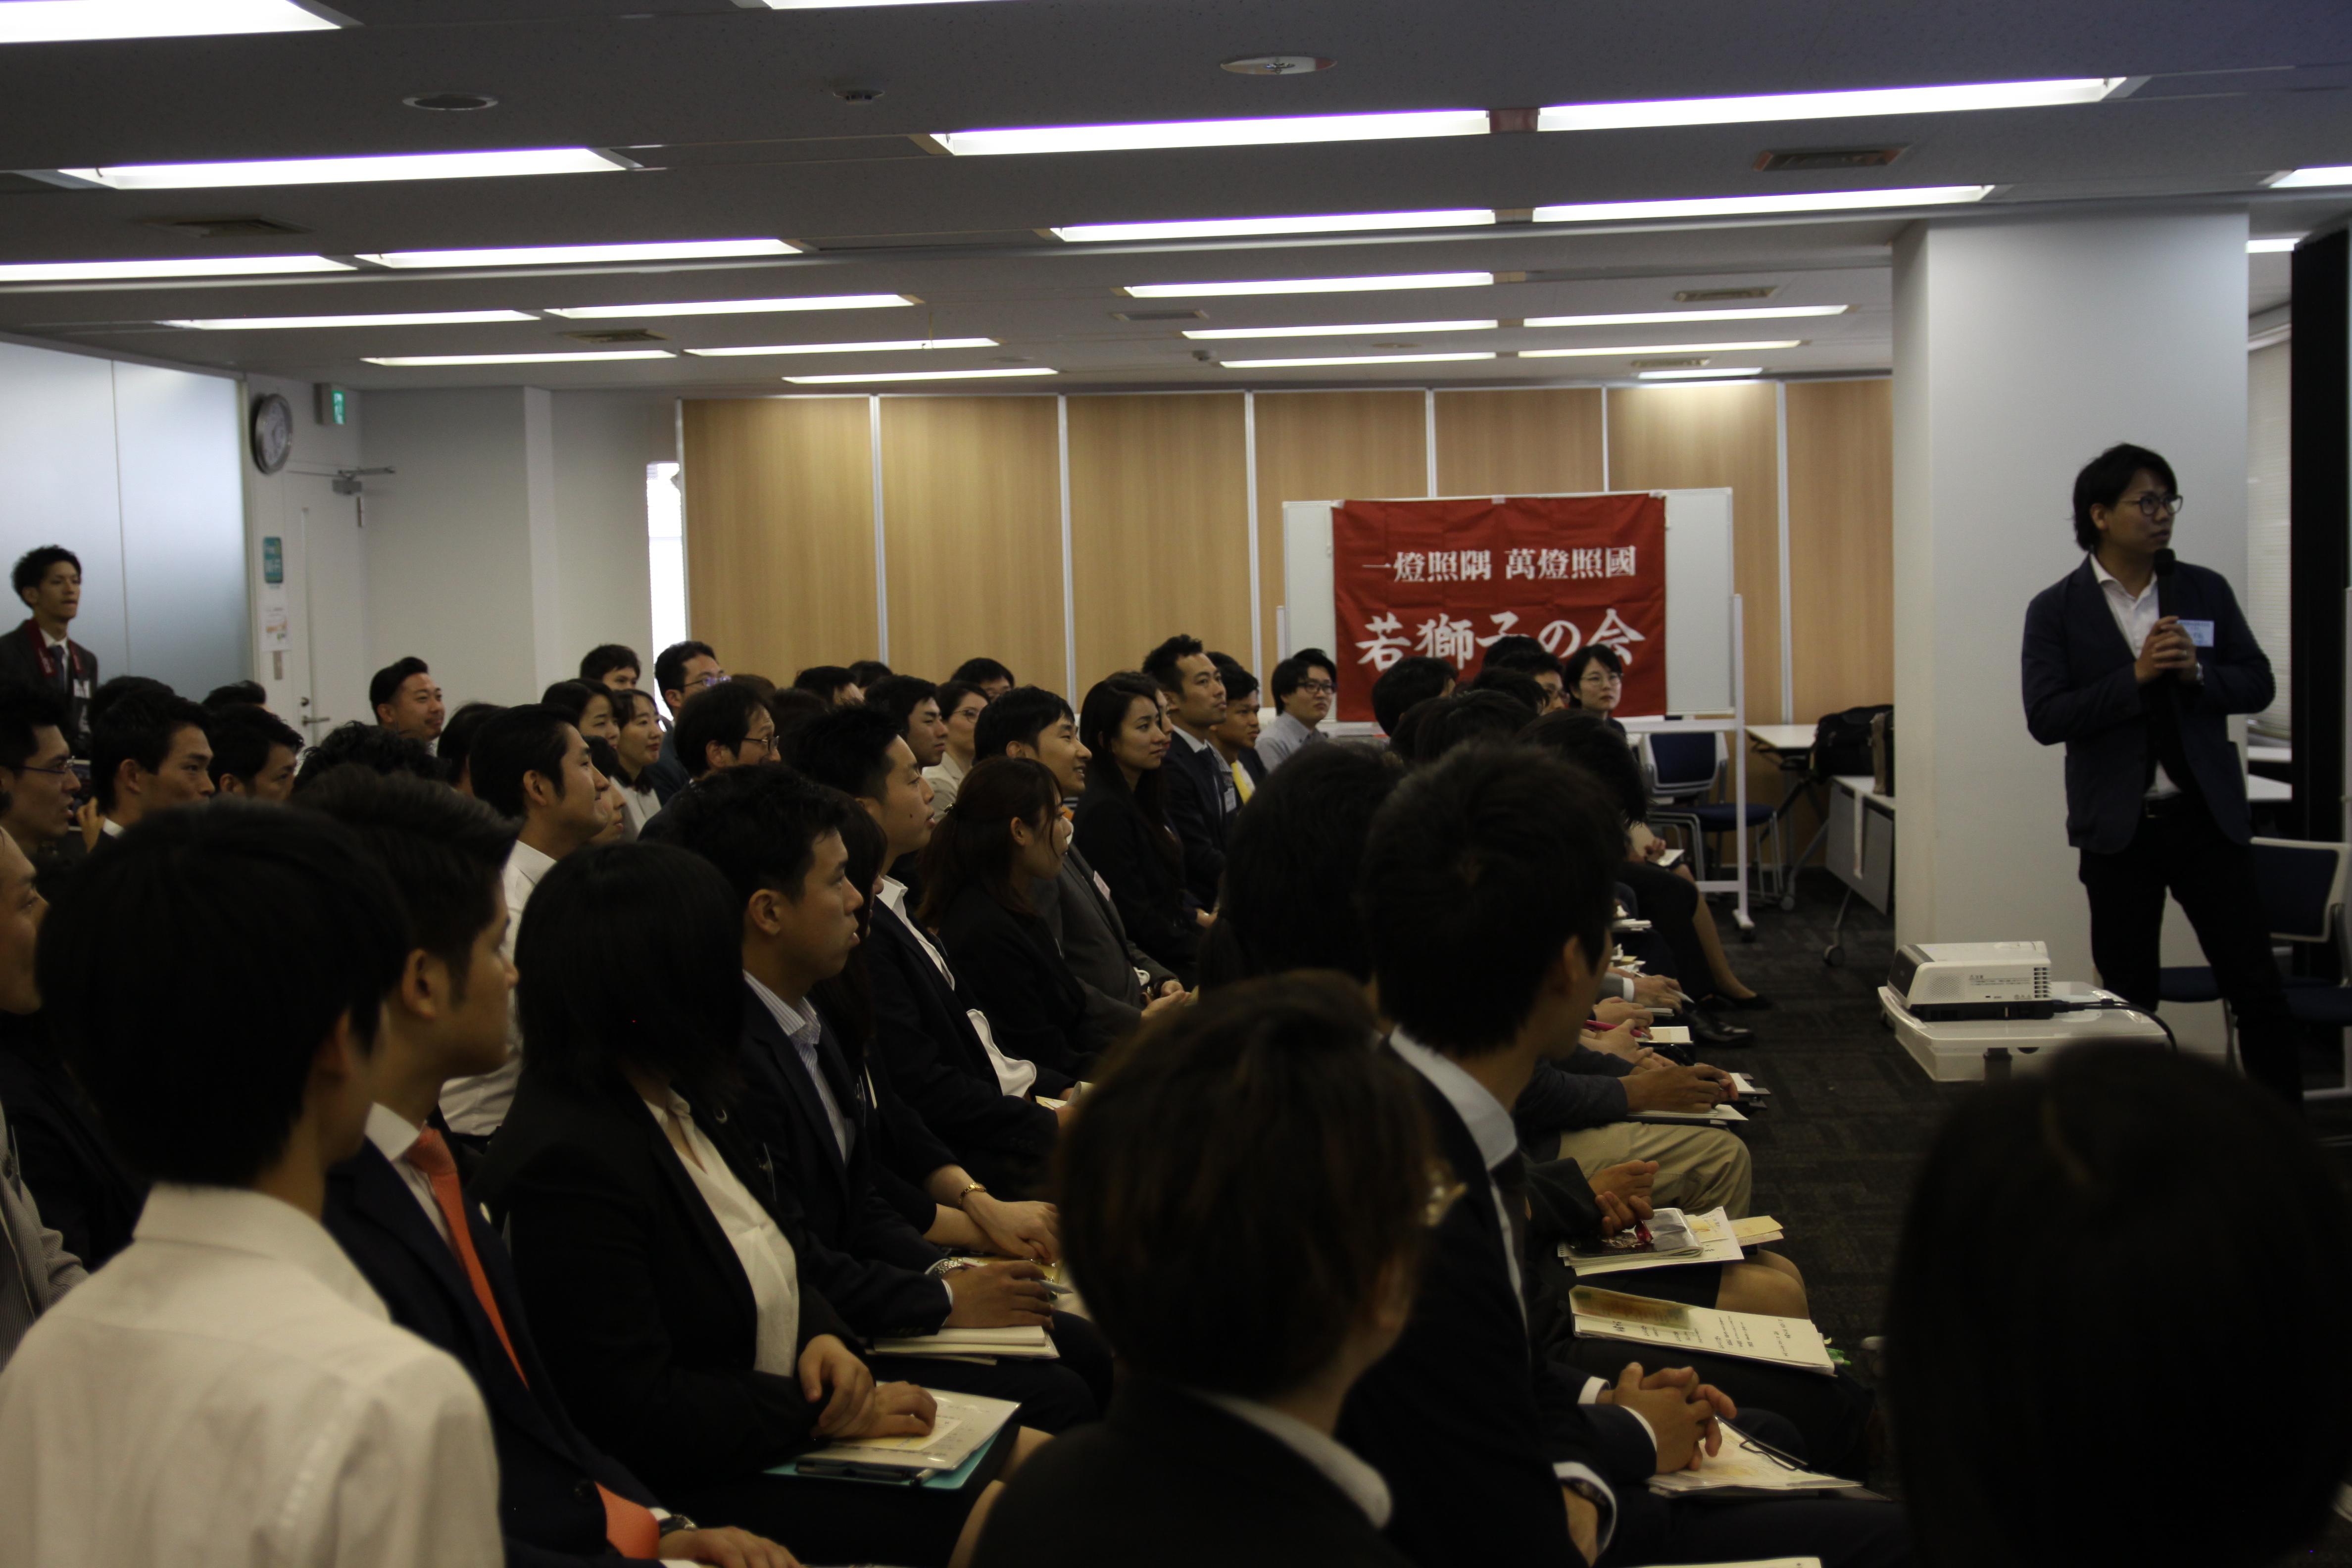 IMG 4694 - 関東若獅子の会、記念すべき第100回